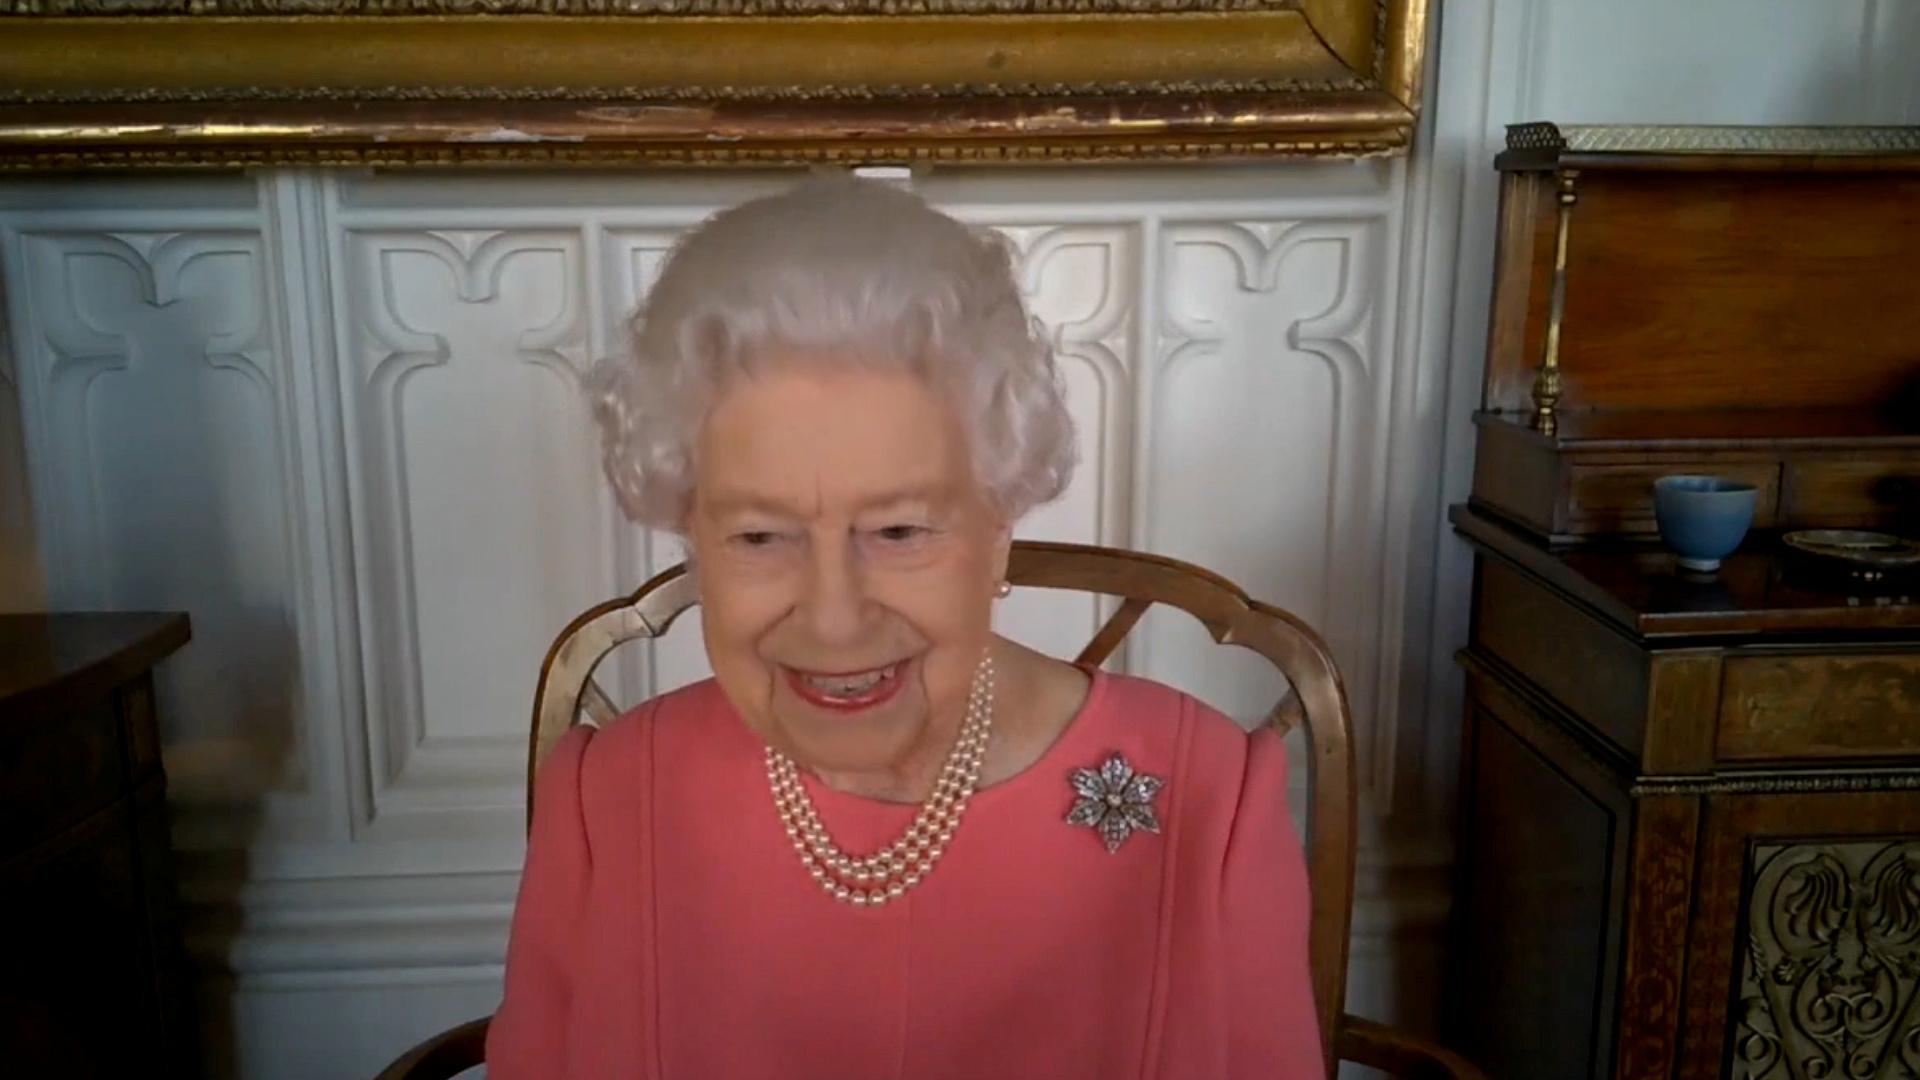 ملكة بريطانيا تتحدث عن تجربتها الخاصة مع لقاح كورونا